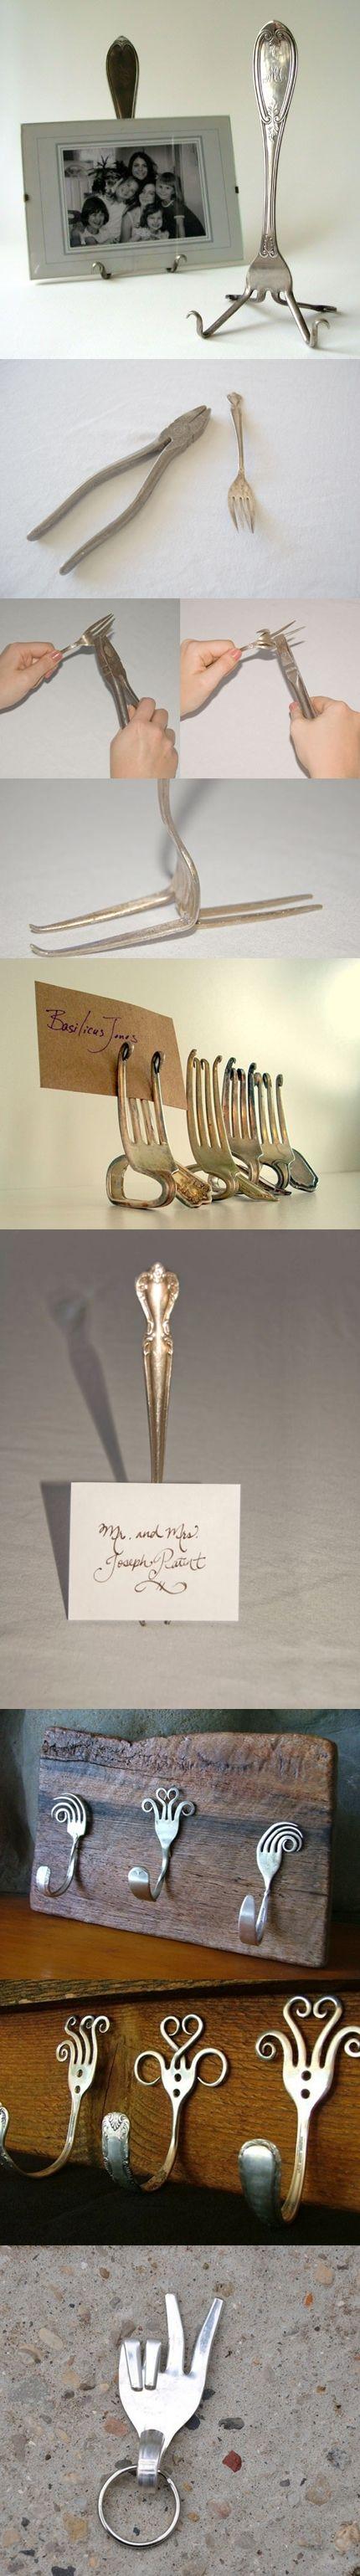 Un DIY con tutorial para reciclar tenedores